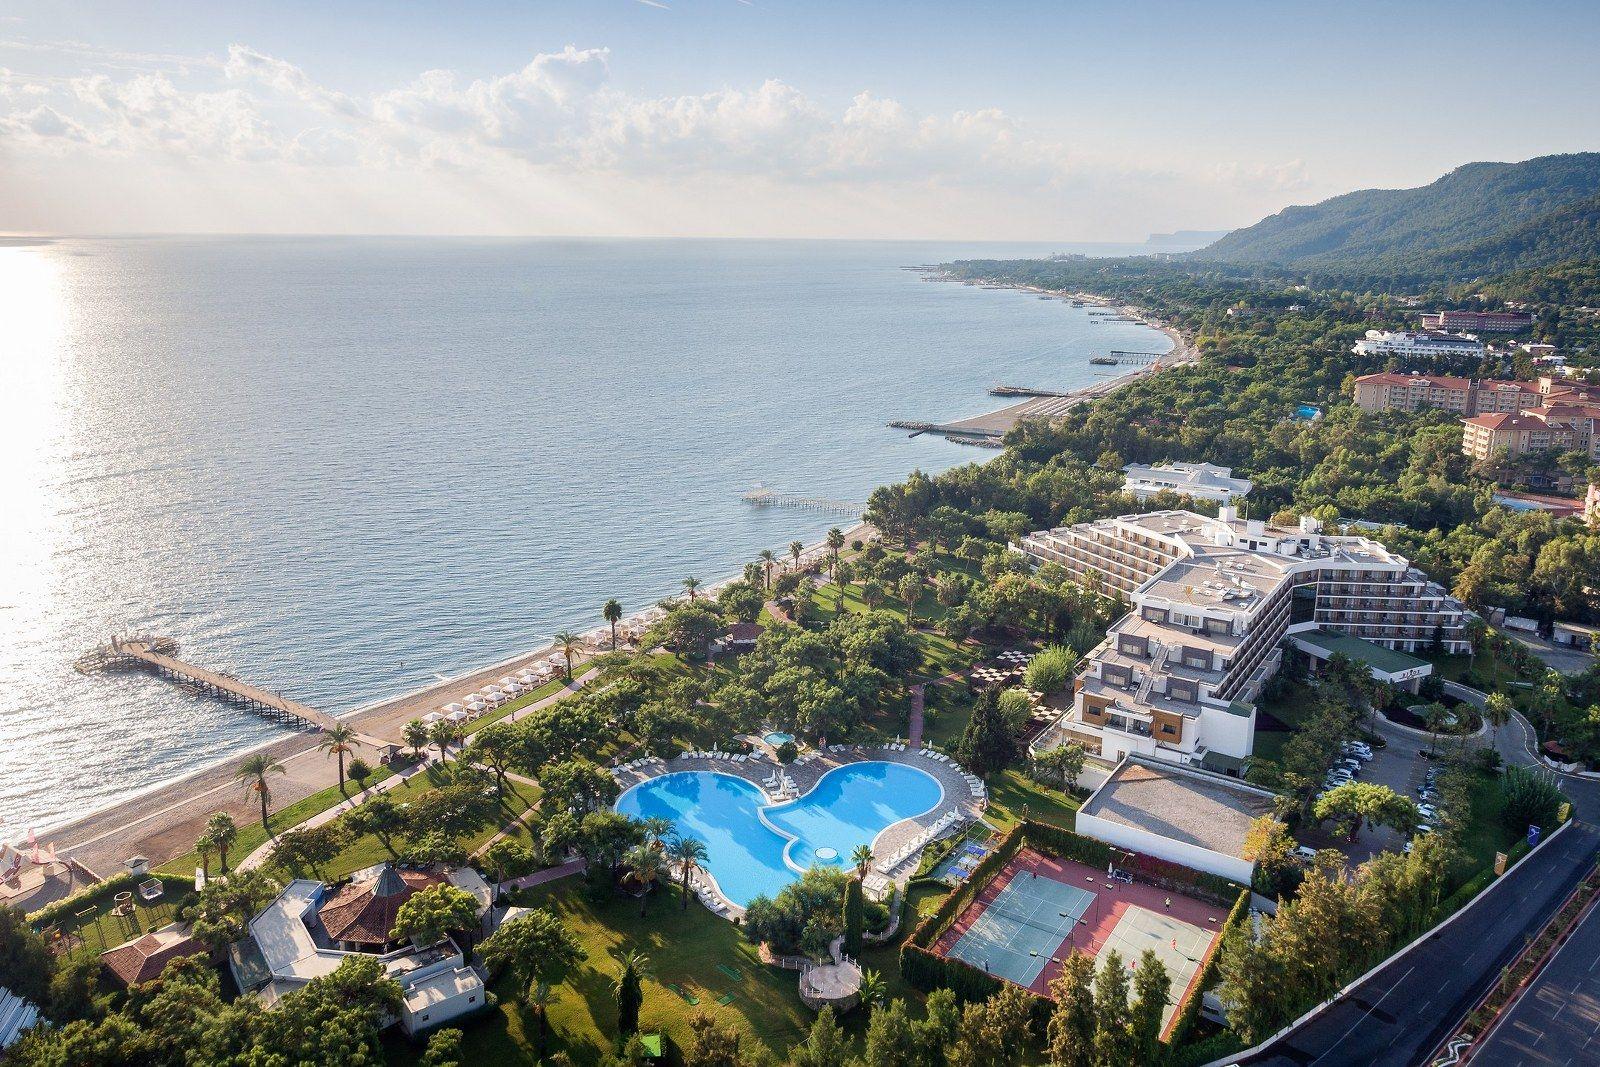 Wedding At Rixos Beldibi Hotel In Antalya